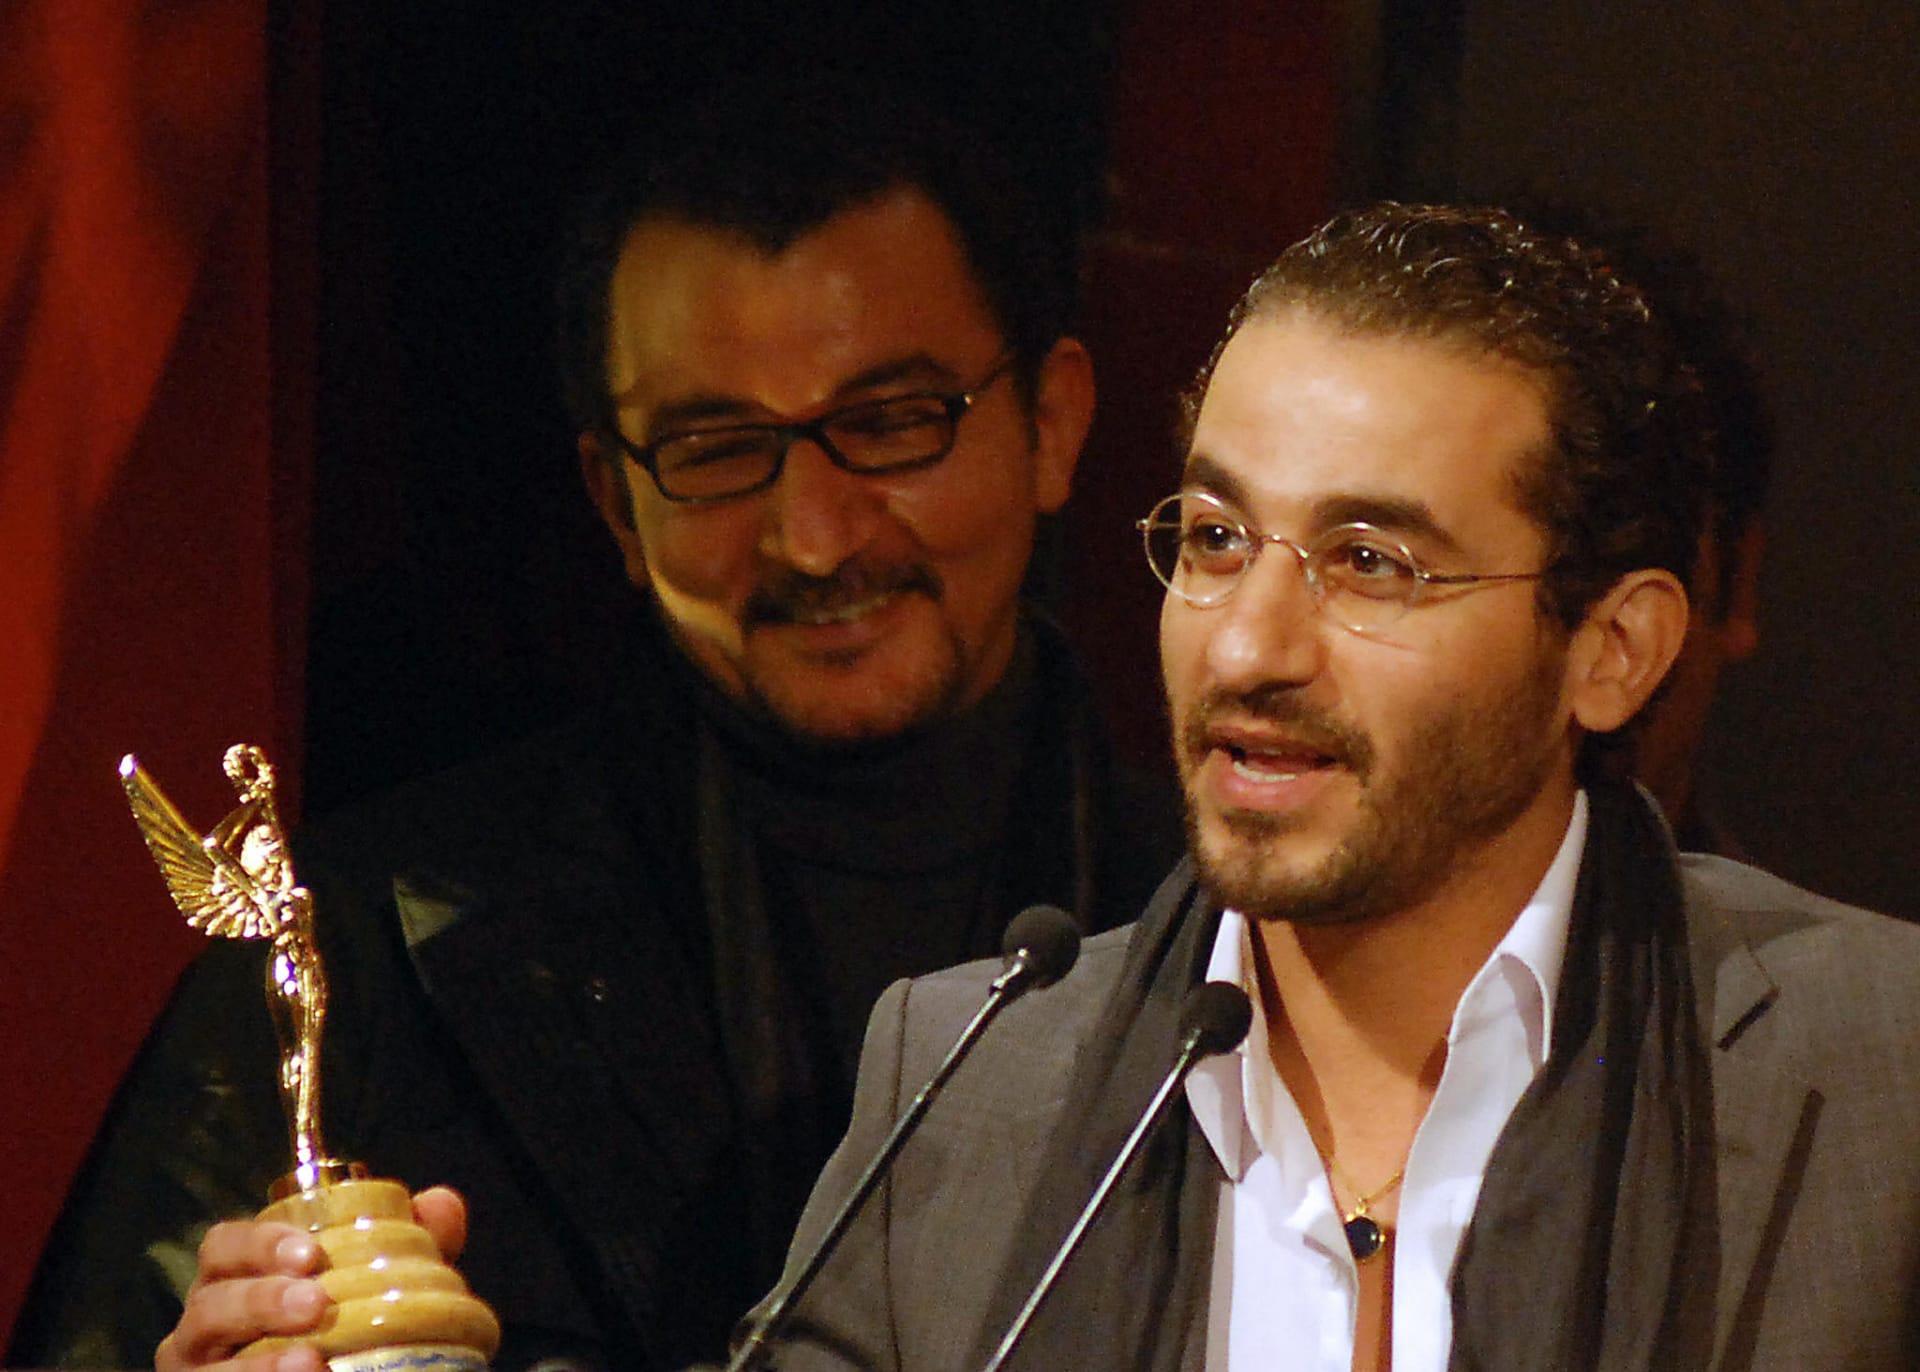 """أحمد حلمي: """"بلف محشي"""".. شيخ الجبل """"عالكنبة"""" وسميرة سعيد """"واقع مجنون"""""""